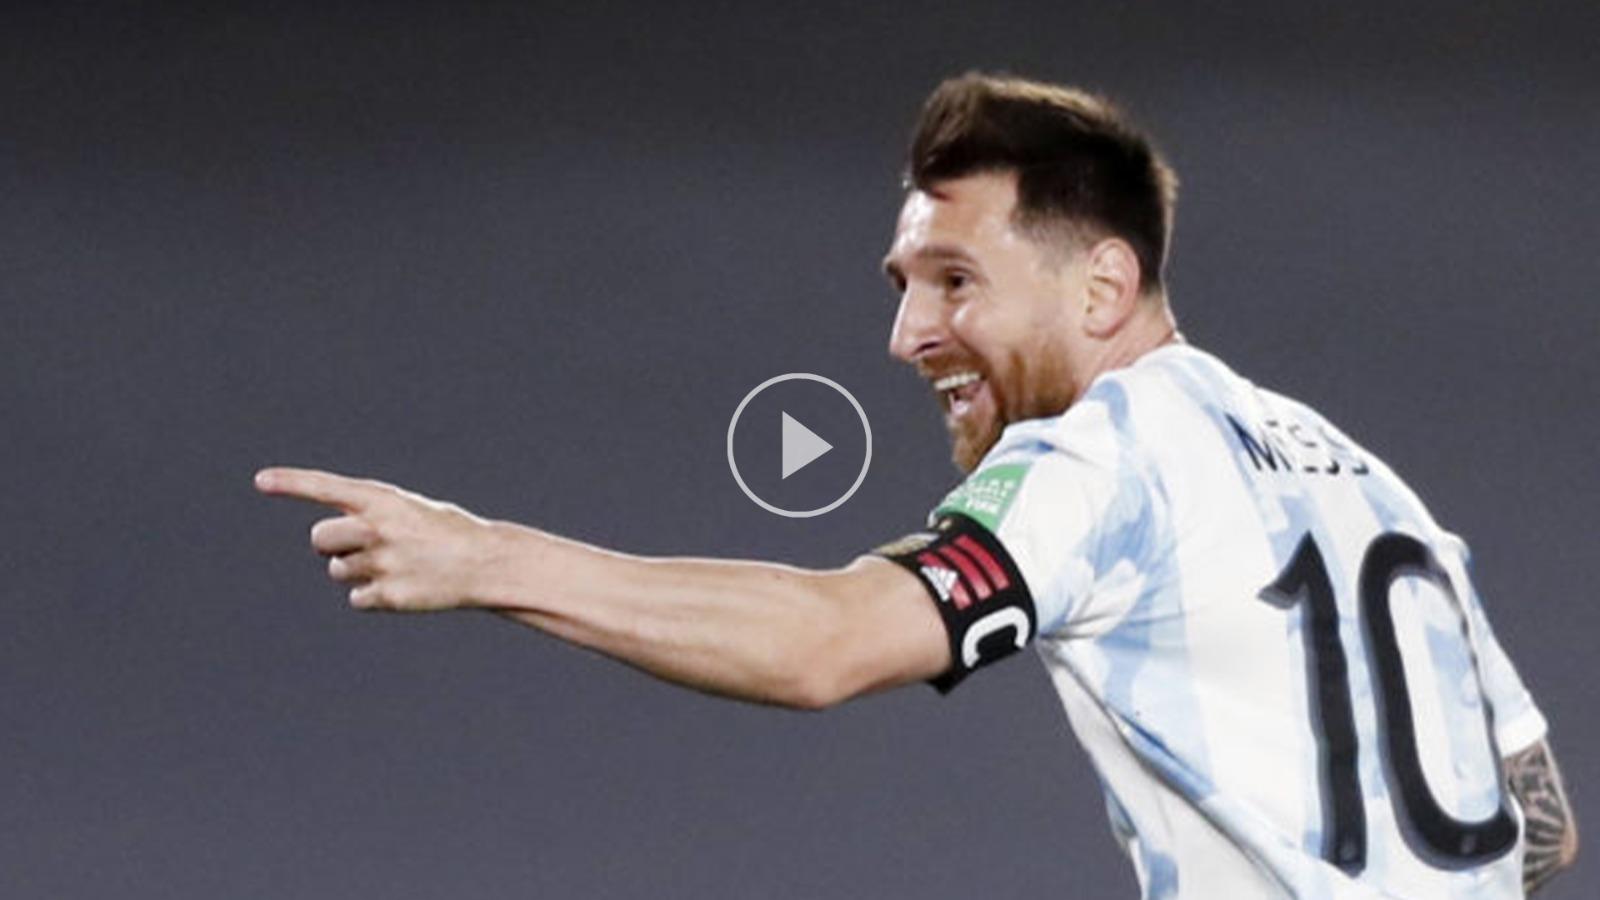 بالفيديو...ميسي يقود الأرجنتين للانتصار على الأوروغواي  في تصفيات أميركا الجنوبية لمونديال قطر